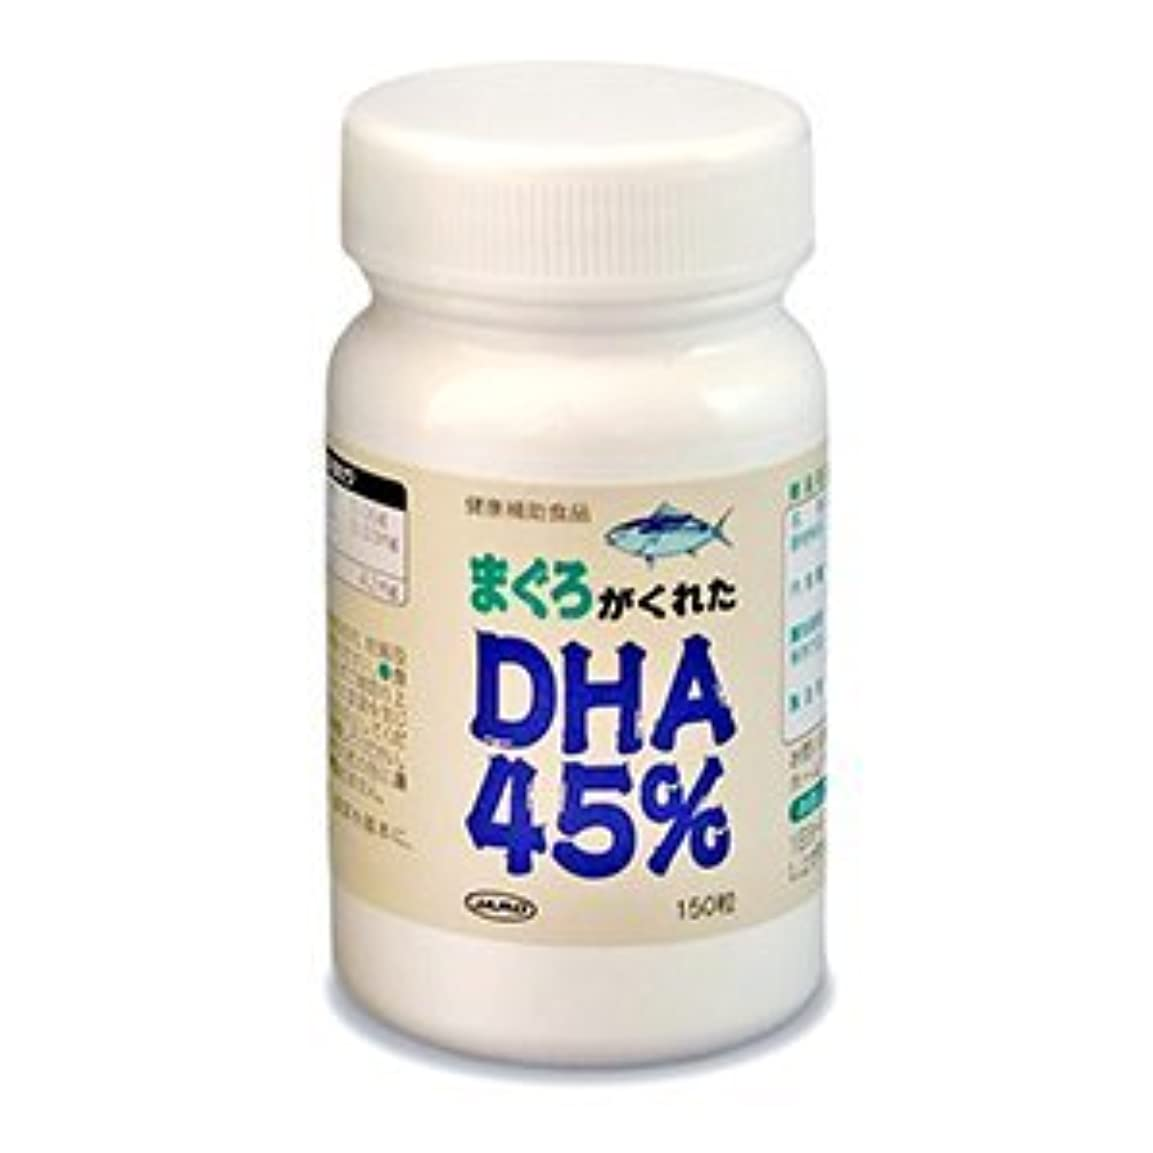 ラベ望み直立まぐろがくれたDHA45% 150粒(約1ヶ月分)